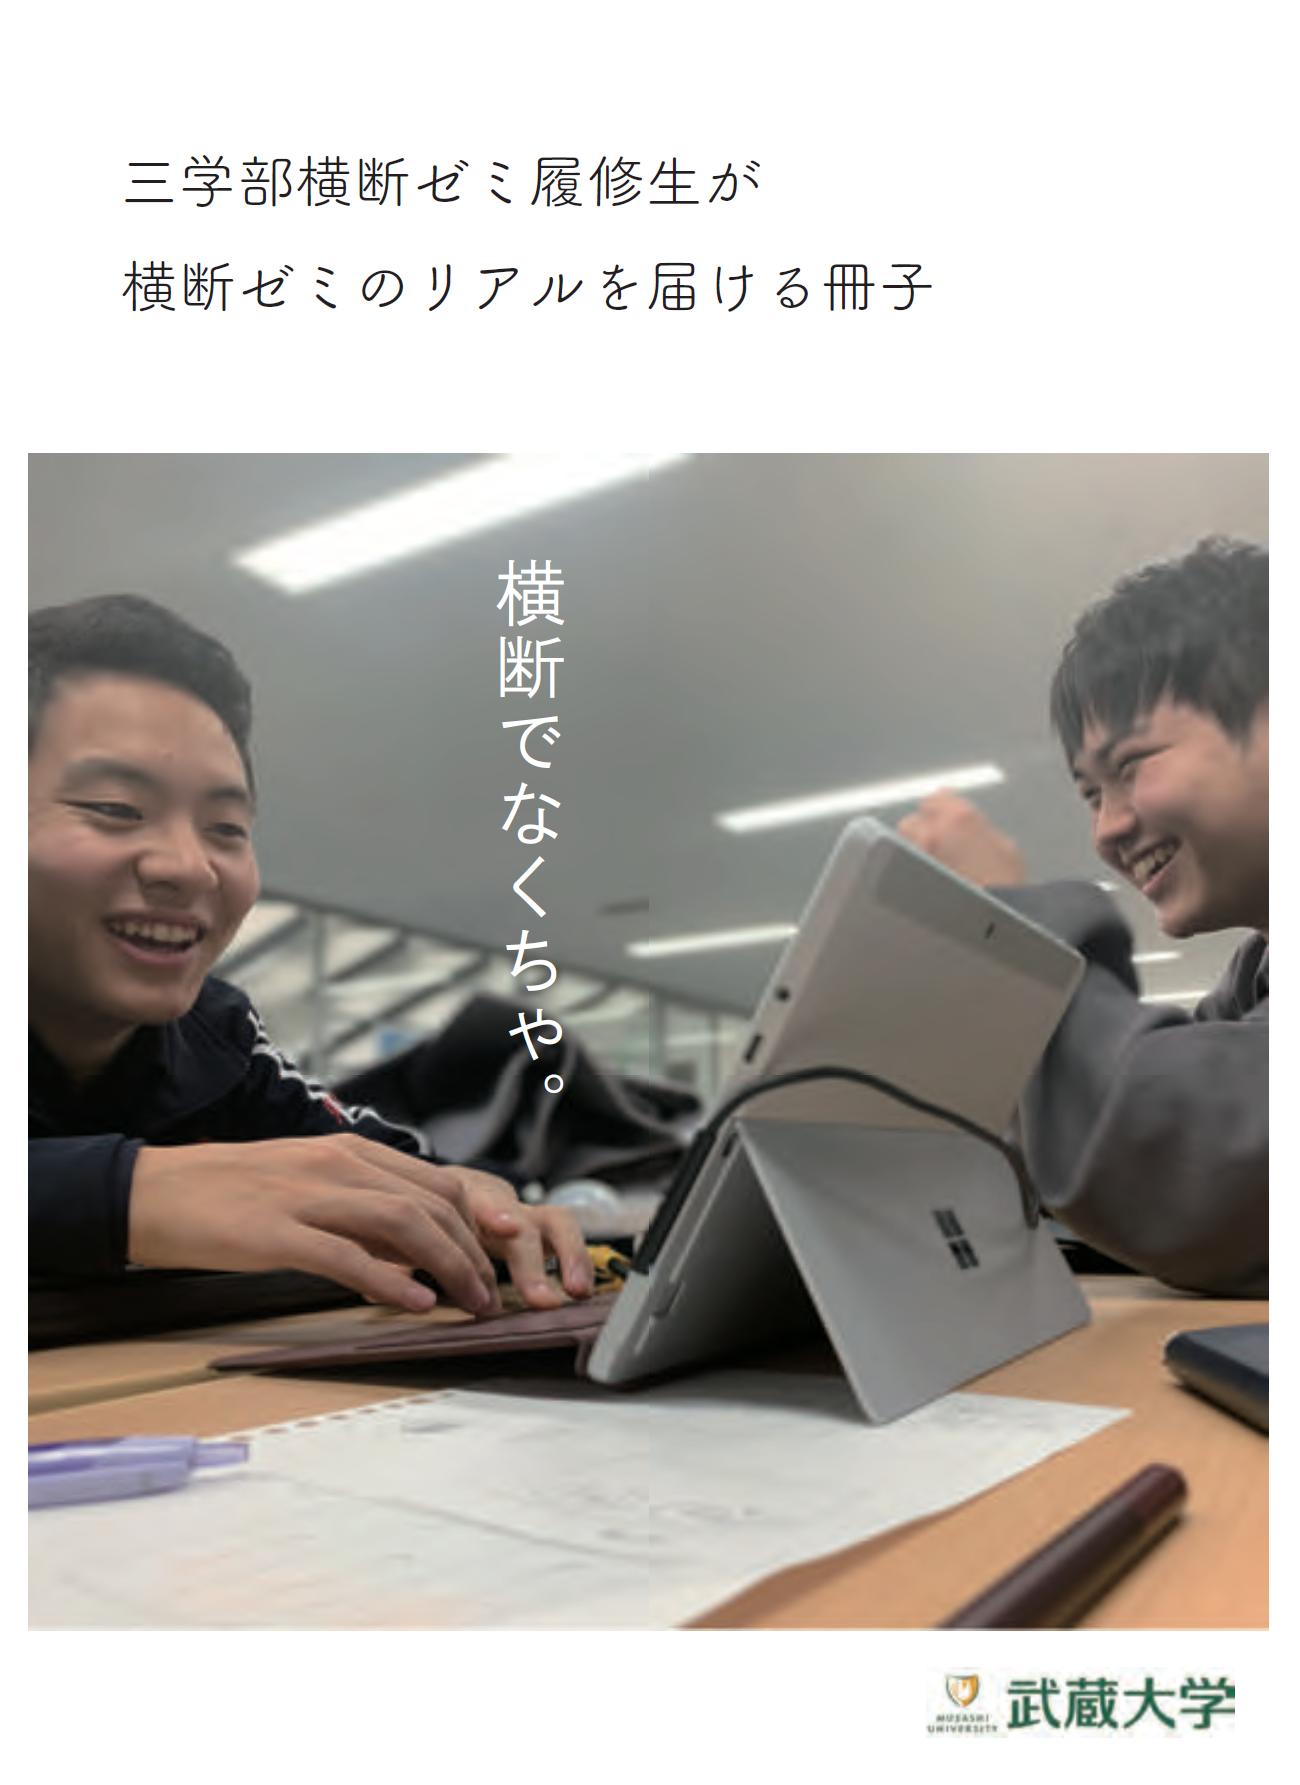 【武蔵大学】学生が三学部横断ゼミのデジタル冊子「横断でなくちゃ。」を制作 -- 8月10日、11日のオープンキャンパス「Web説明会」にもZoom出演 --